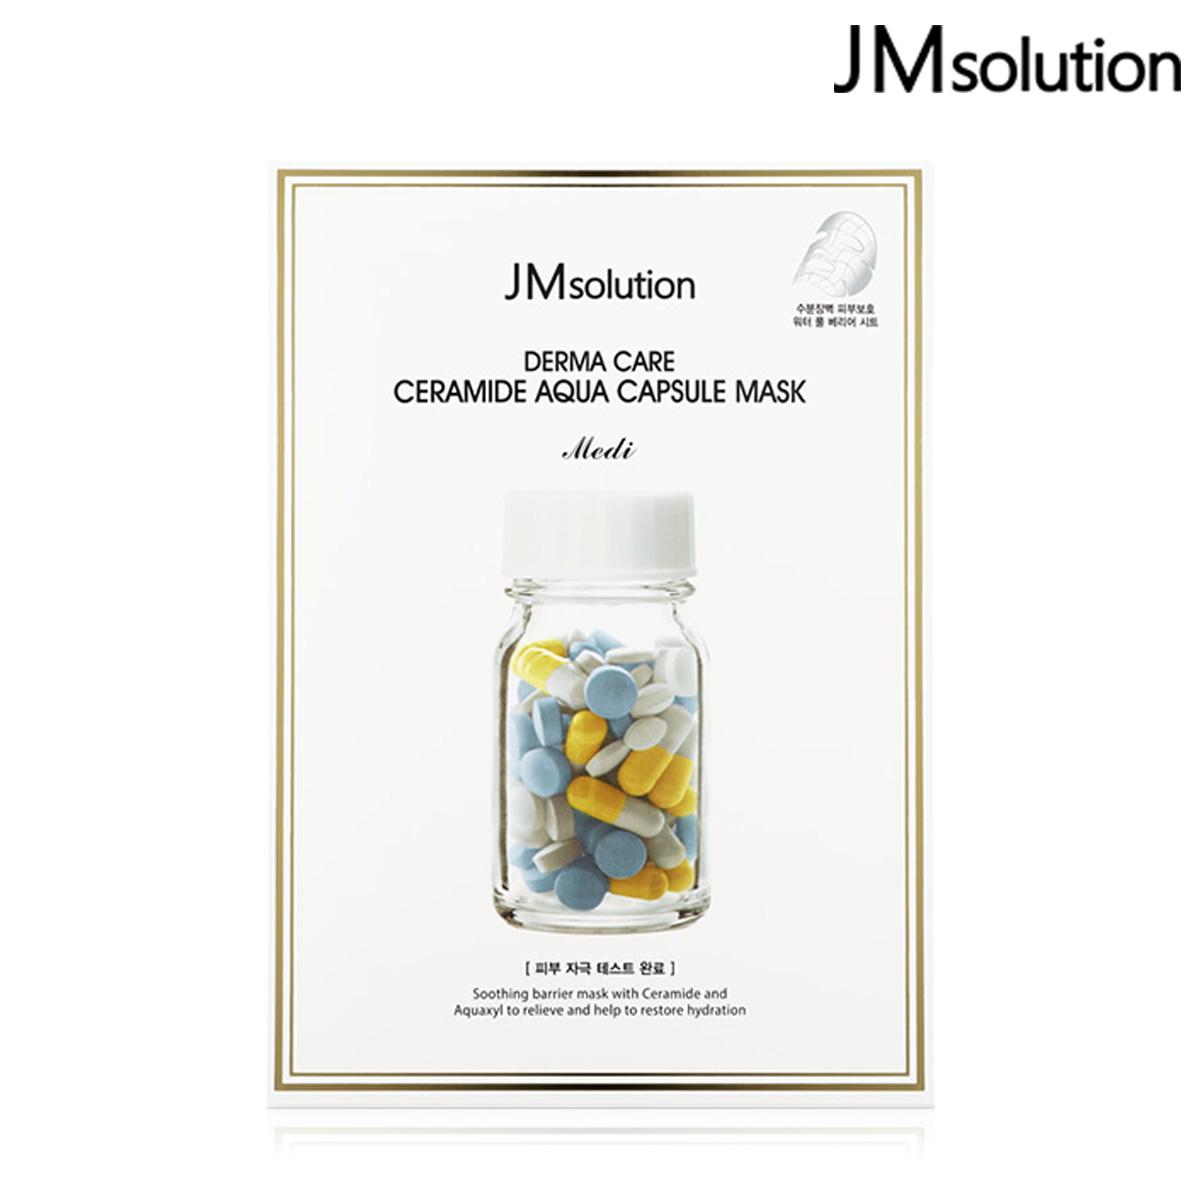 JMsolution 肌司研維他命藥丸面膜 神經醯胺 補水 (10片入) 補水保濕 【SP嚴選家】